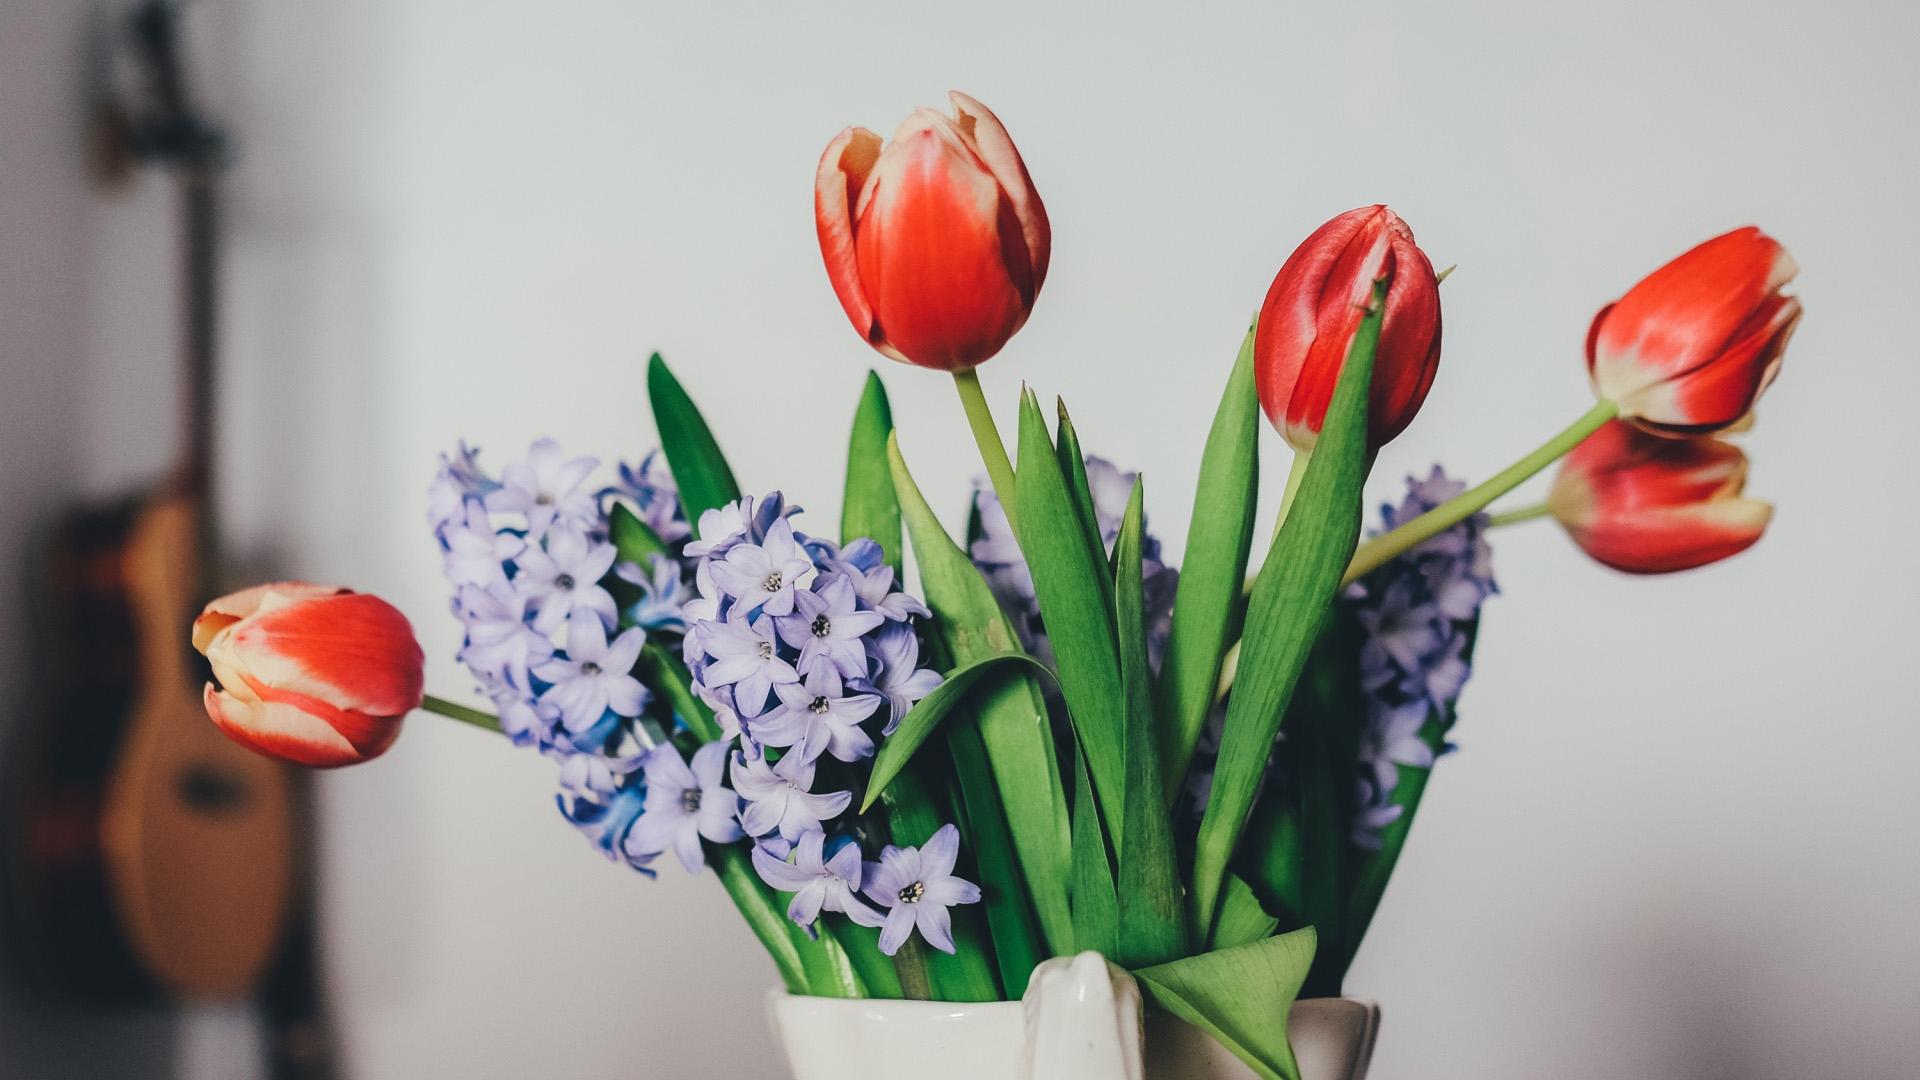 Красивые обои цветов для заставки компьютера - скачать онлайн №7 5